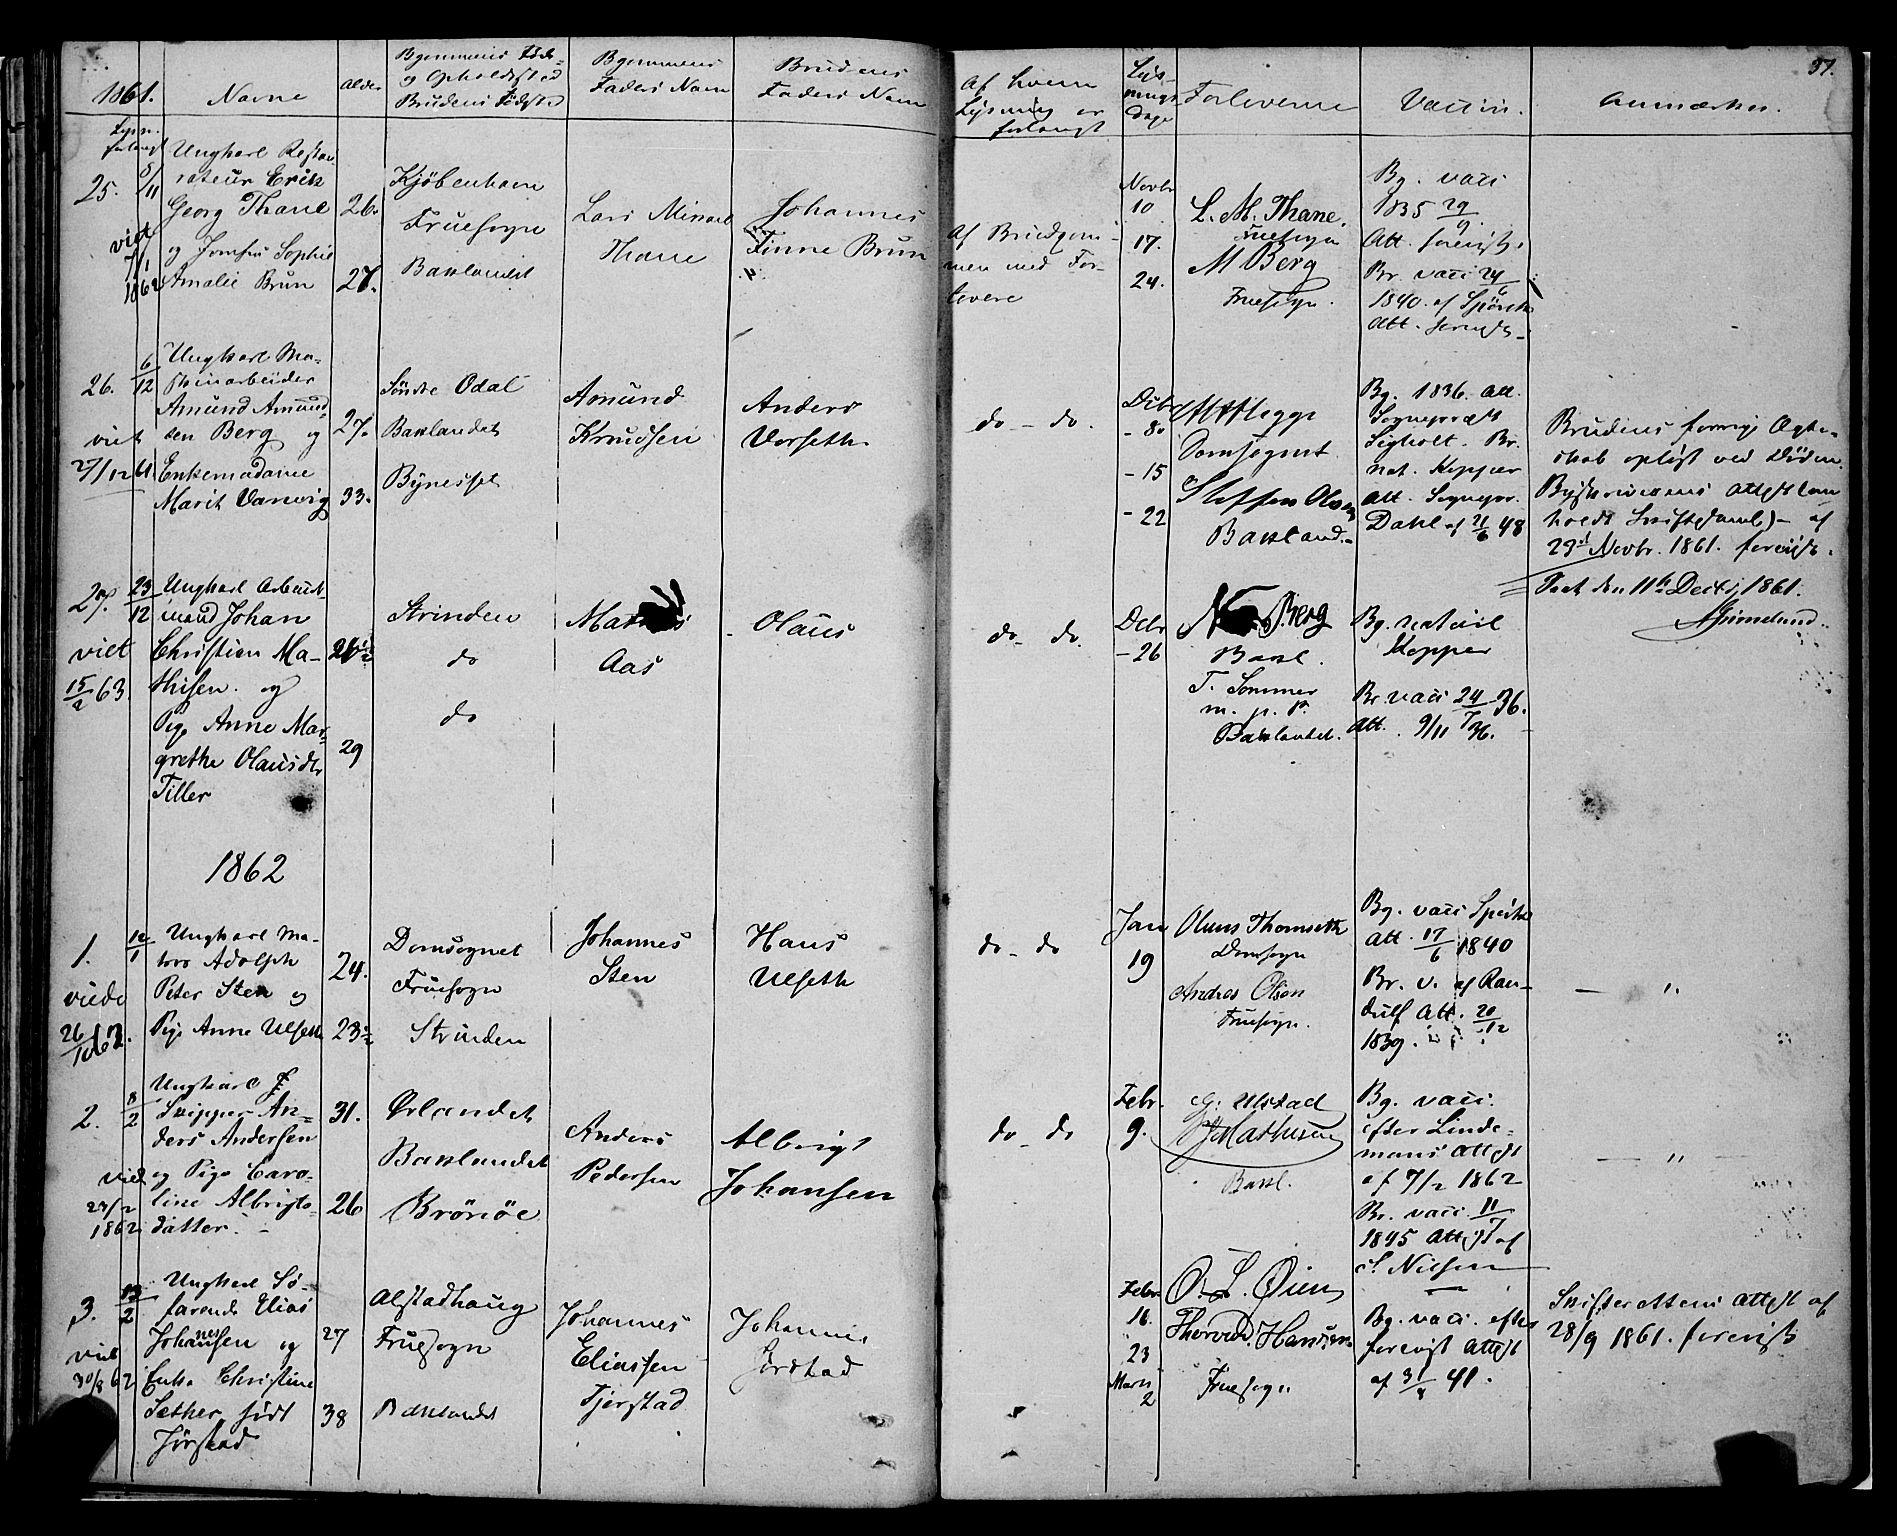 SAT, Ministerialprotokoller, klokkerbøker og fødselsregistre - Sør-Trøndelag, 604/L0187: Ministerialbok nr. 604A08, 1847-1878, s. 37